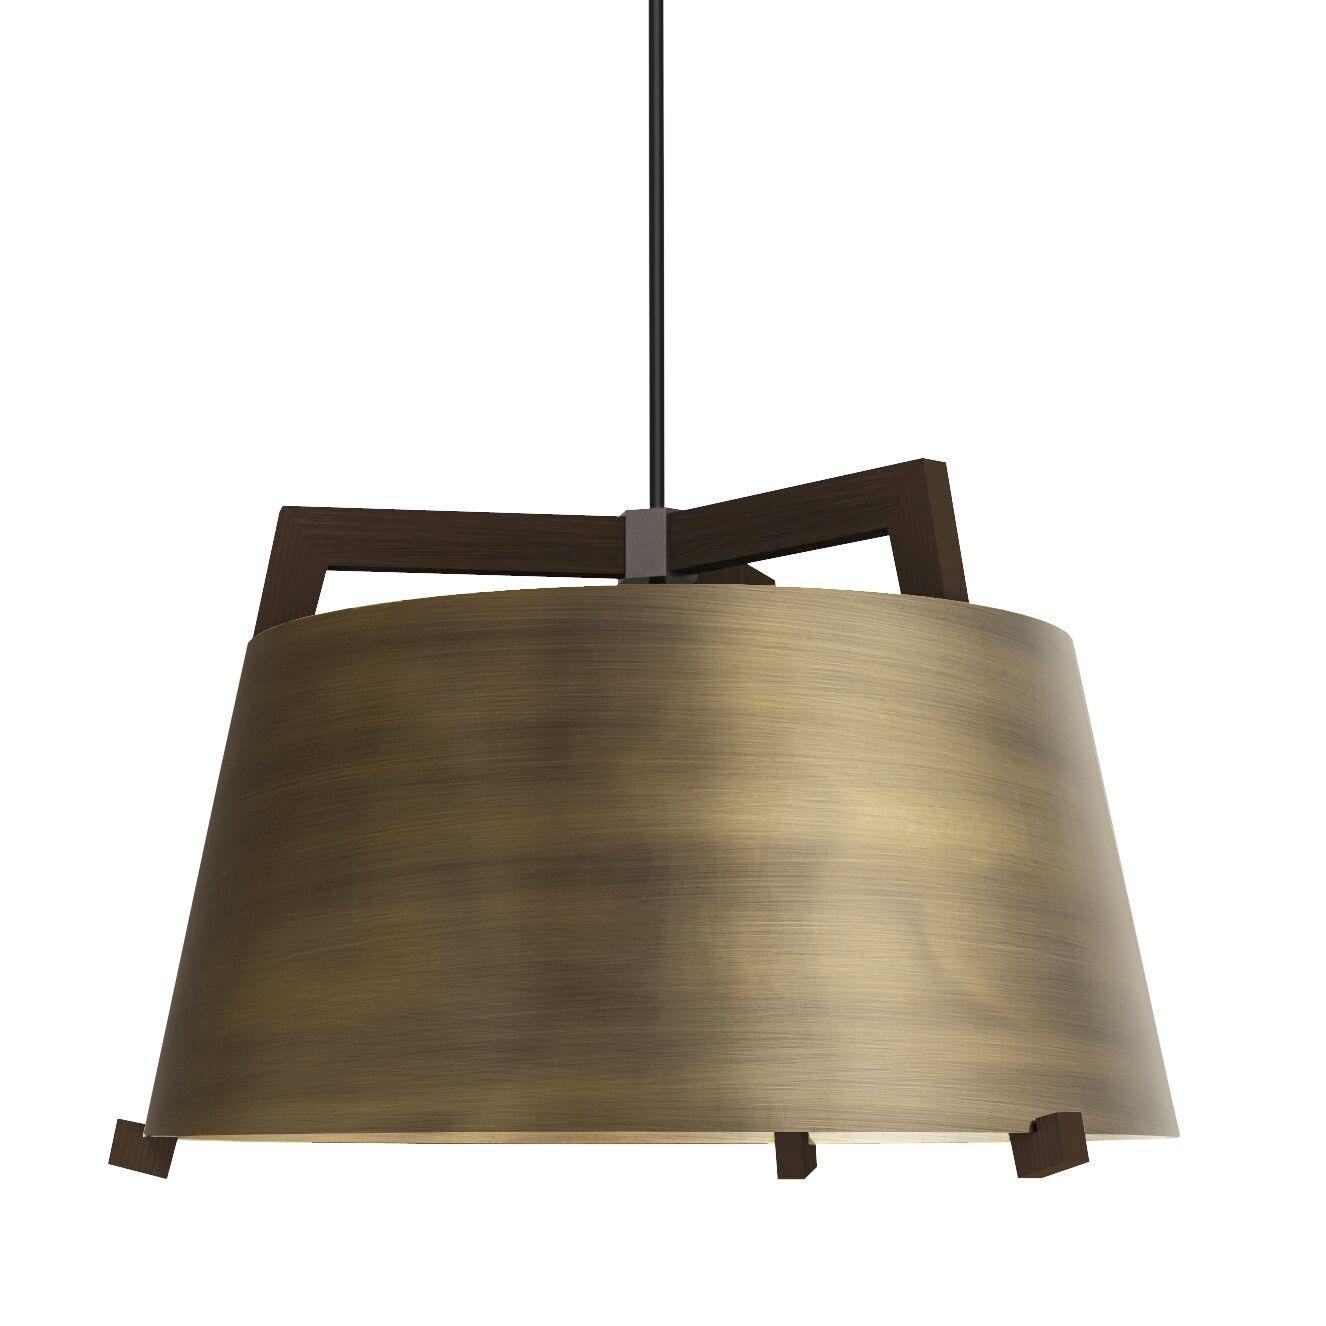 Ignis 3-Light Drum Chandelier Finish: Dark Stained Walnut/Distressed Brass